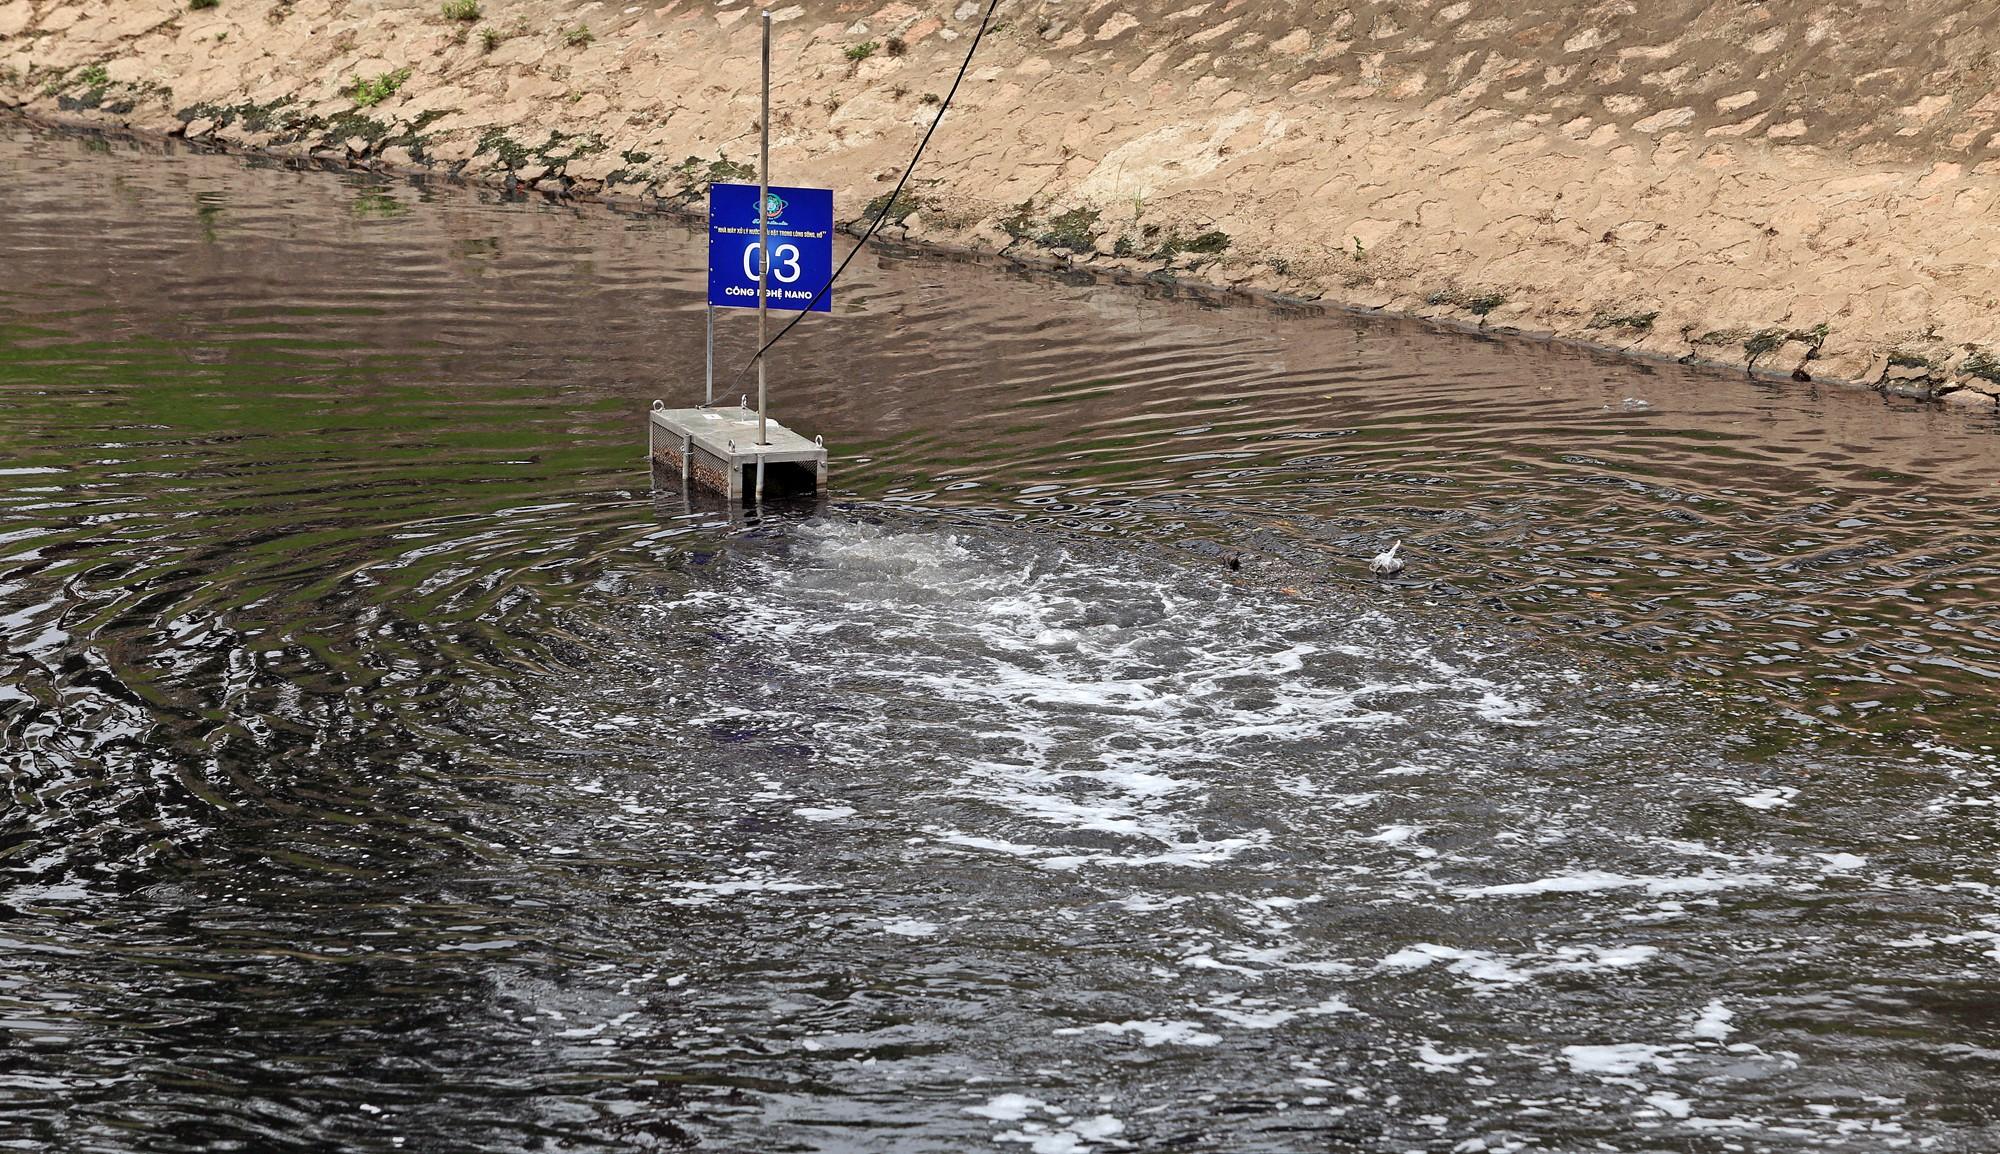 Sau ba ngày thí điểm công nghệ Nhật Bản, sông Tô Lịch thế nào? - Ảnh 2.